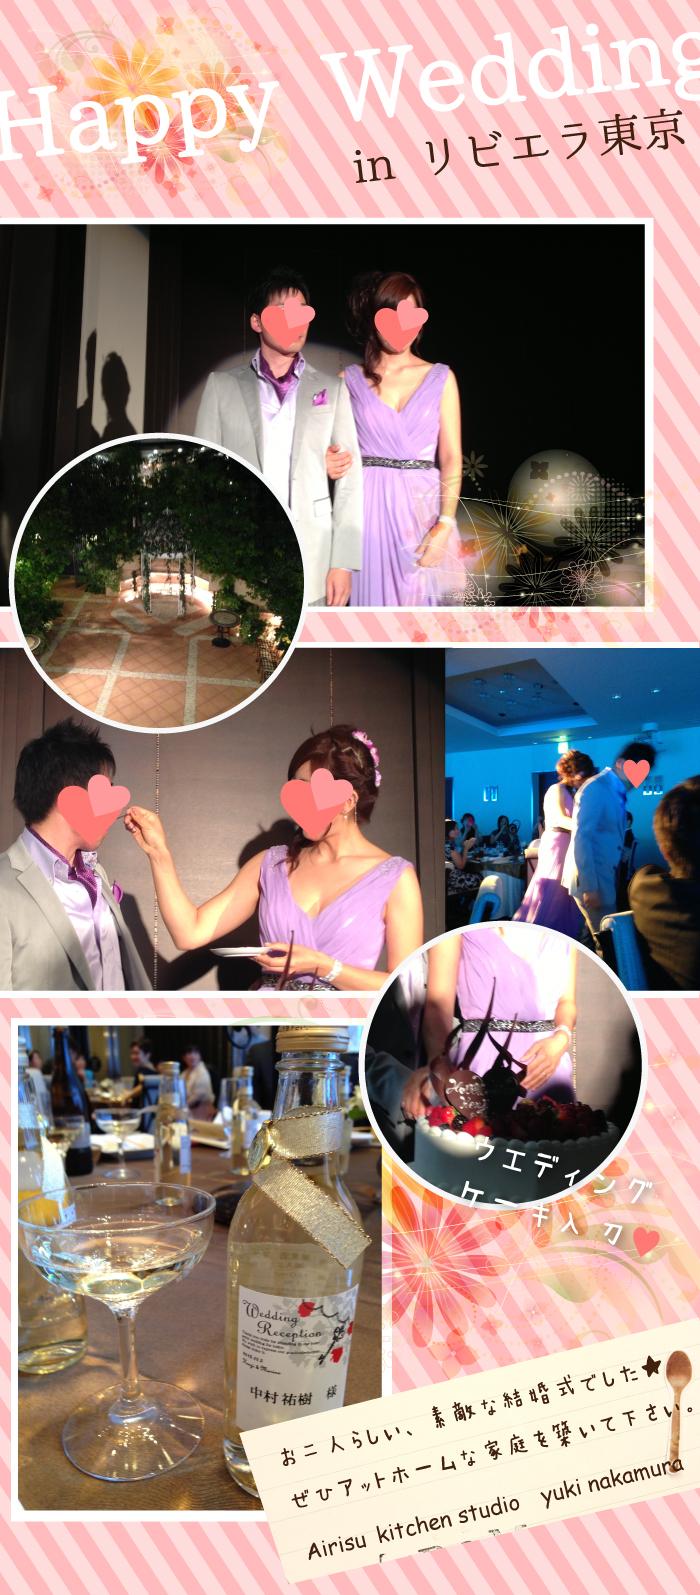 リビエラ東京での結婚式の様子